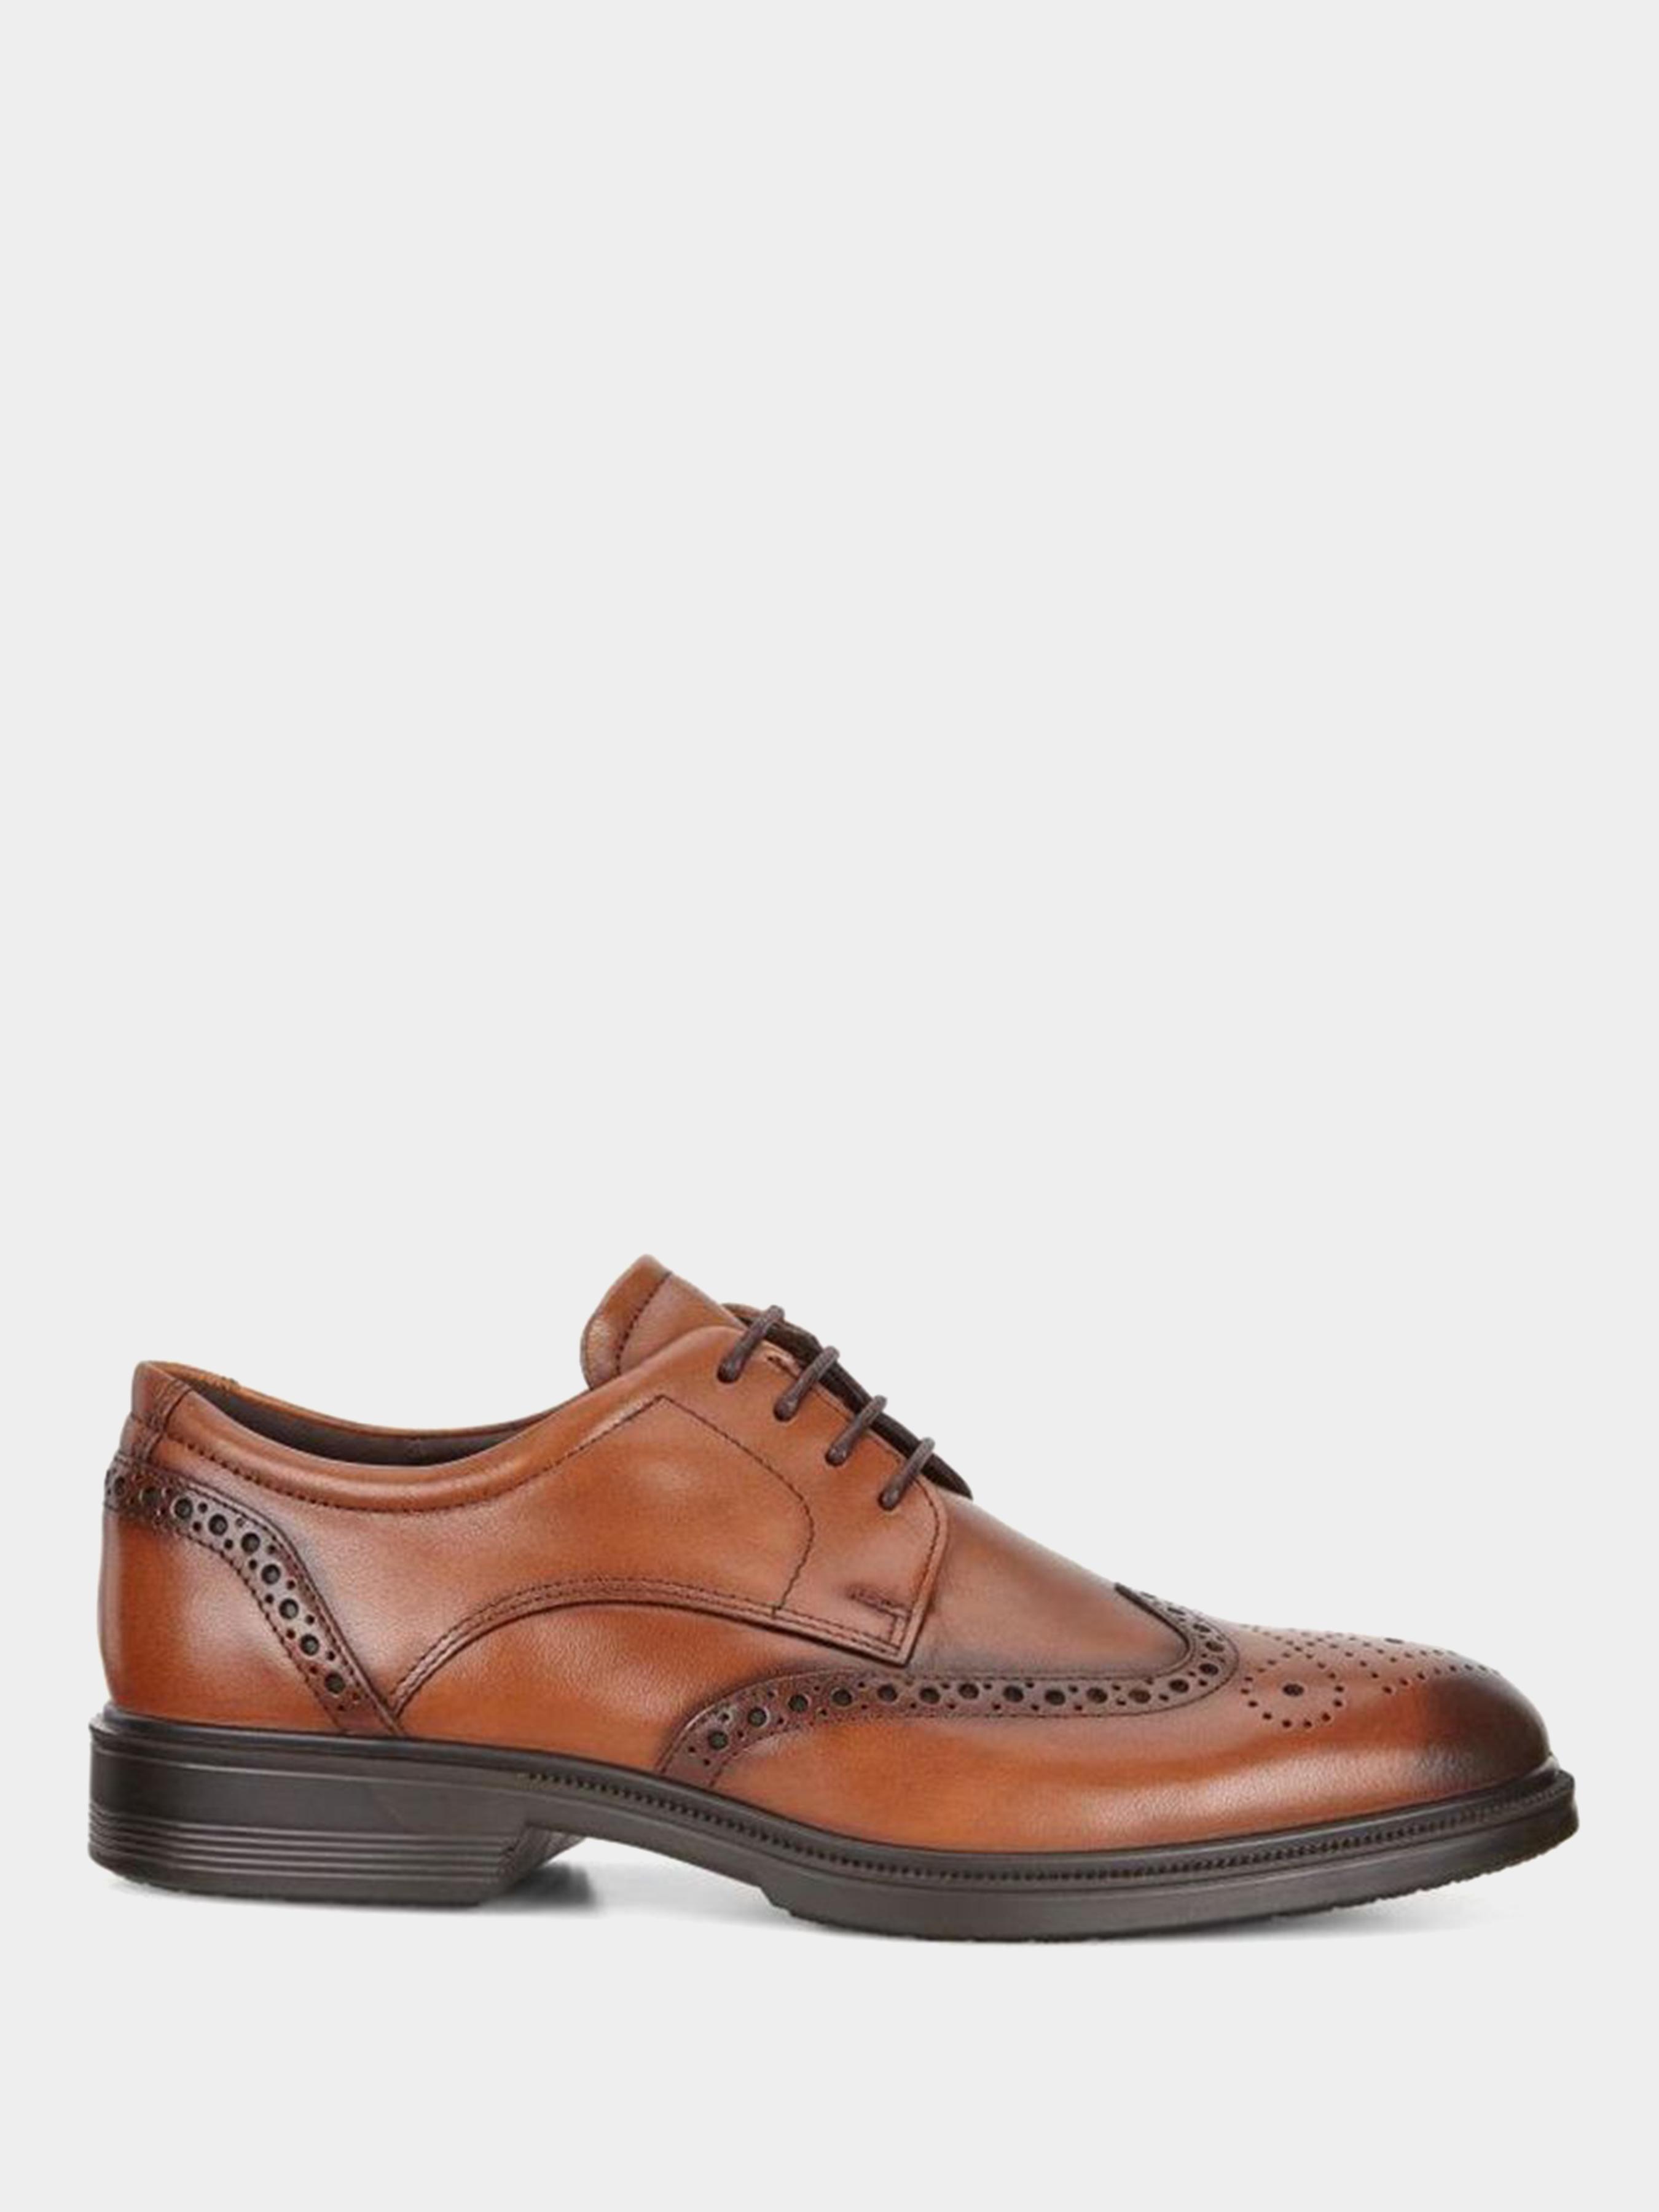 Купить Туфли мужские ECCO LISBON ZM3861, Коричневый